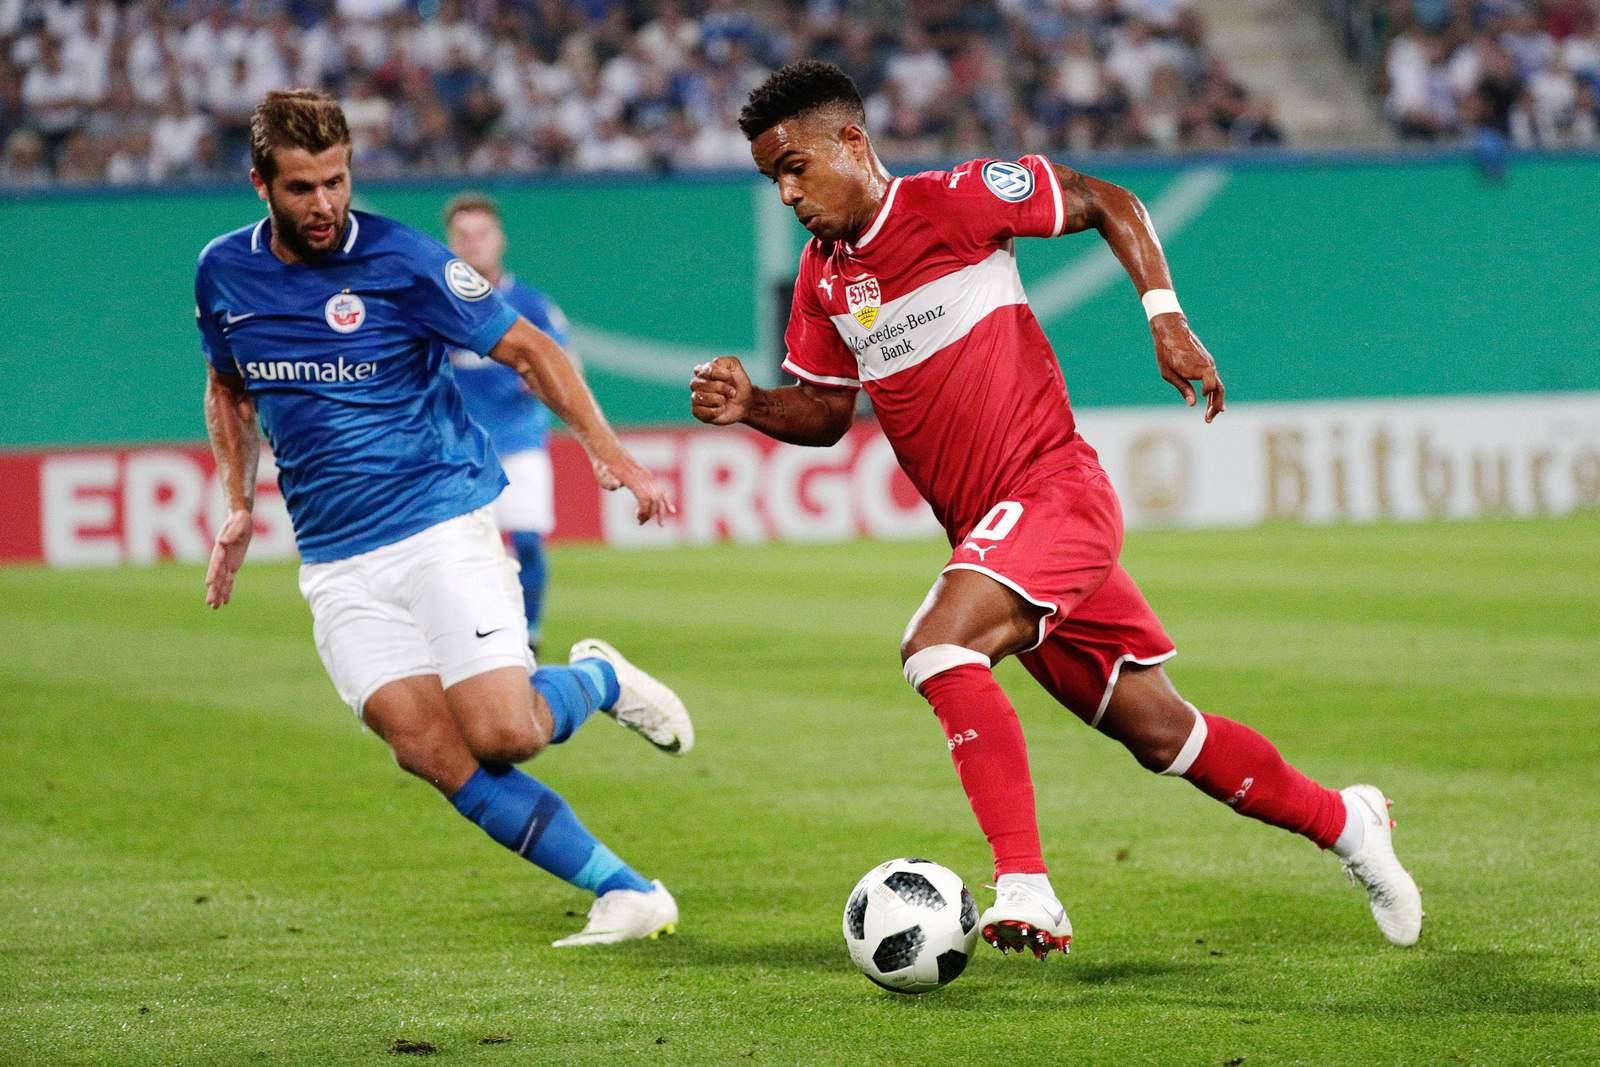 Marco Königs von Hansa Rostock gegen Daniel Didavi vom VfB Stuttgart.